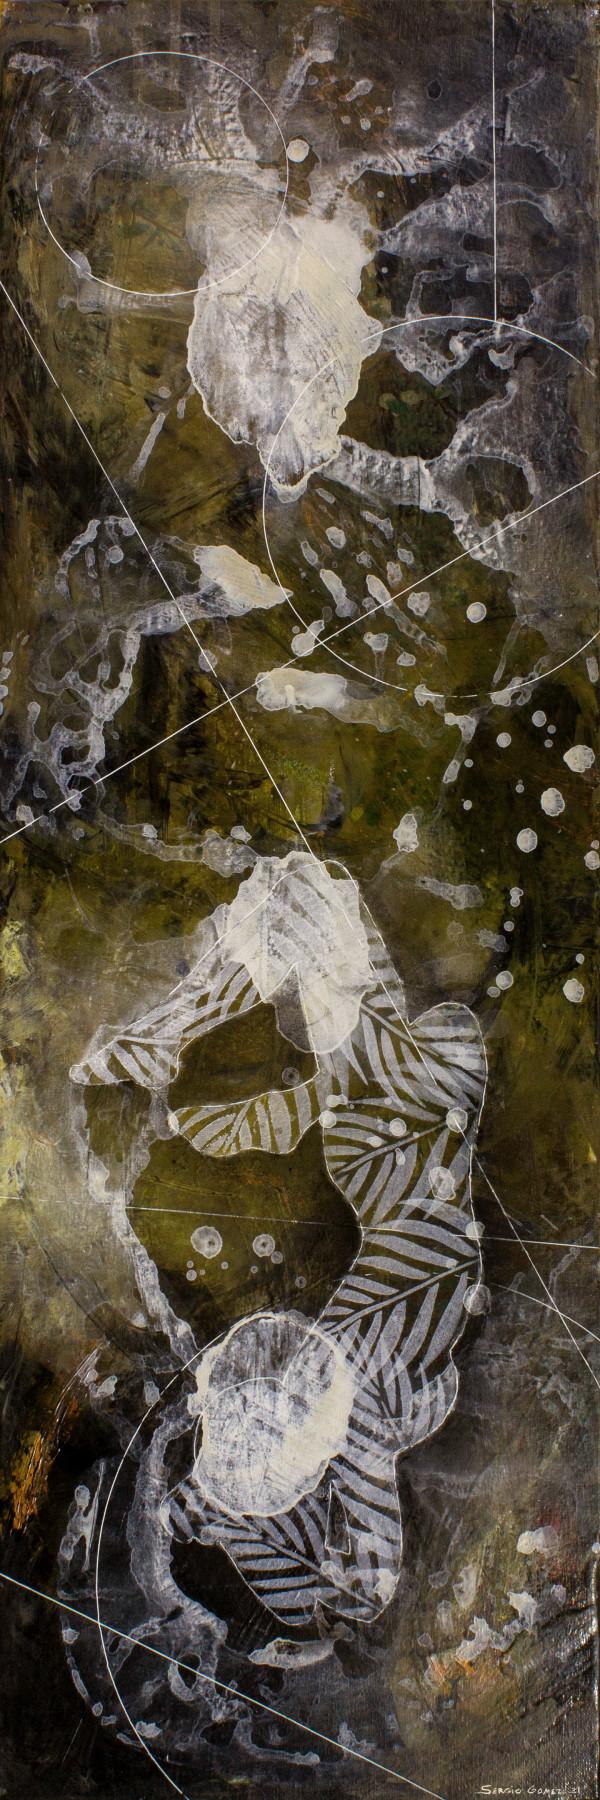 Diaphanous Bodies #4 by Sergio Gomez